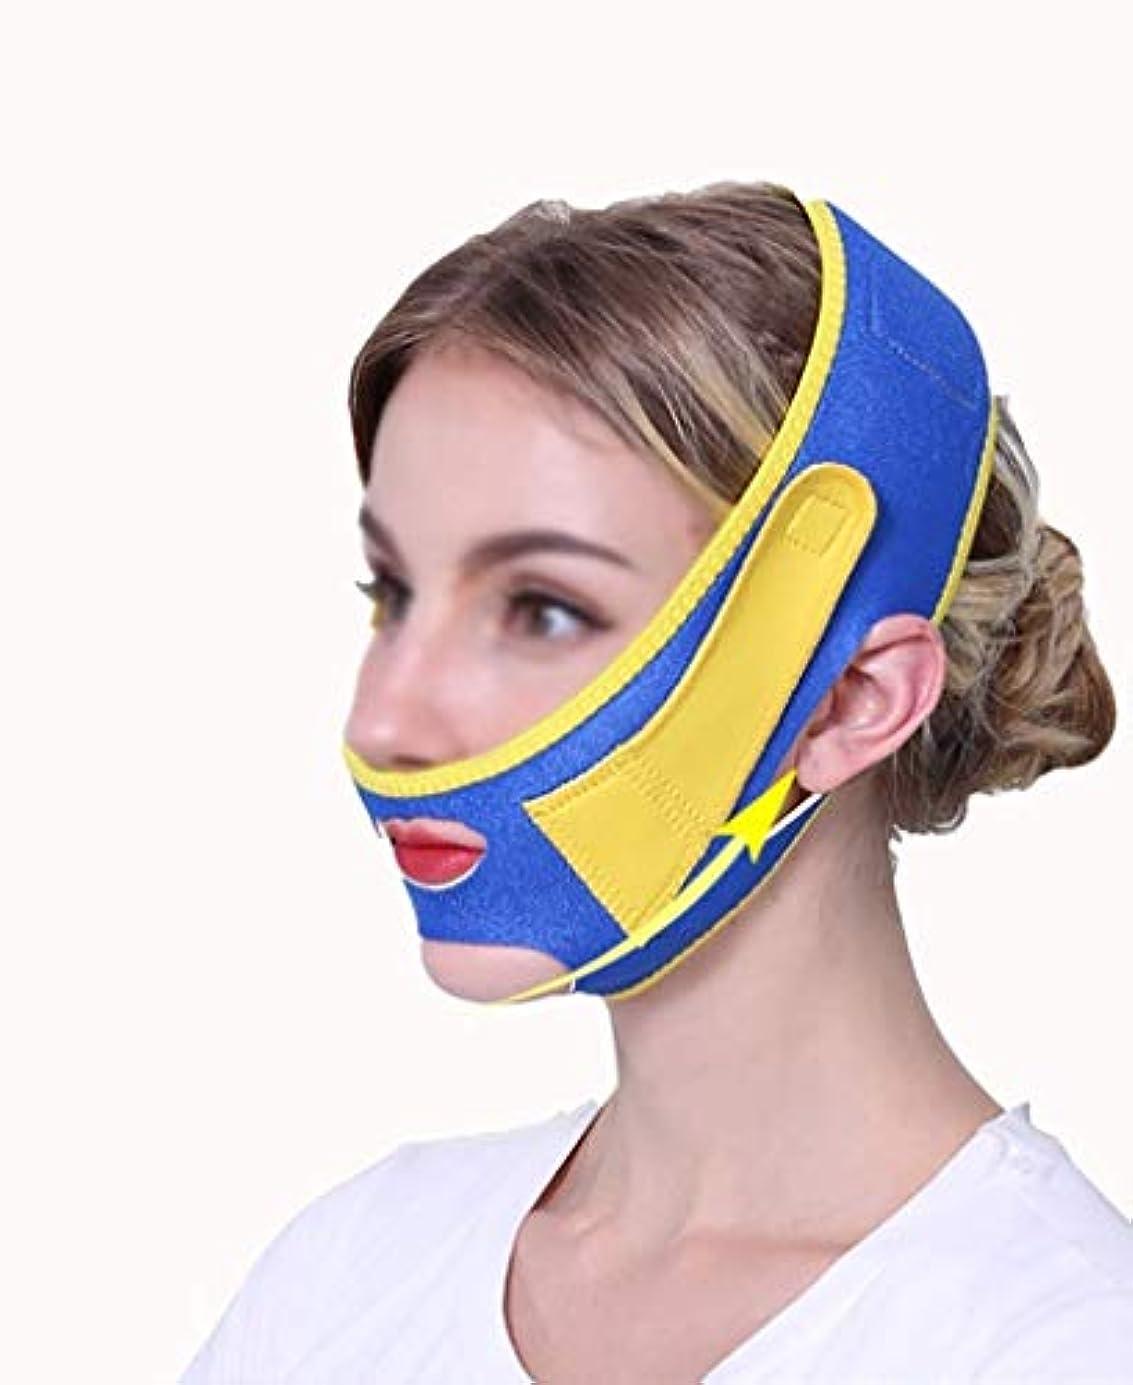 まとめる同一性ファイアルフェイスリフトマスク、あごひも回復包帯薄いフェイスマスクVフェイスステッカーフェイスリフトステッカー韓国